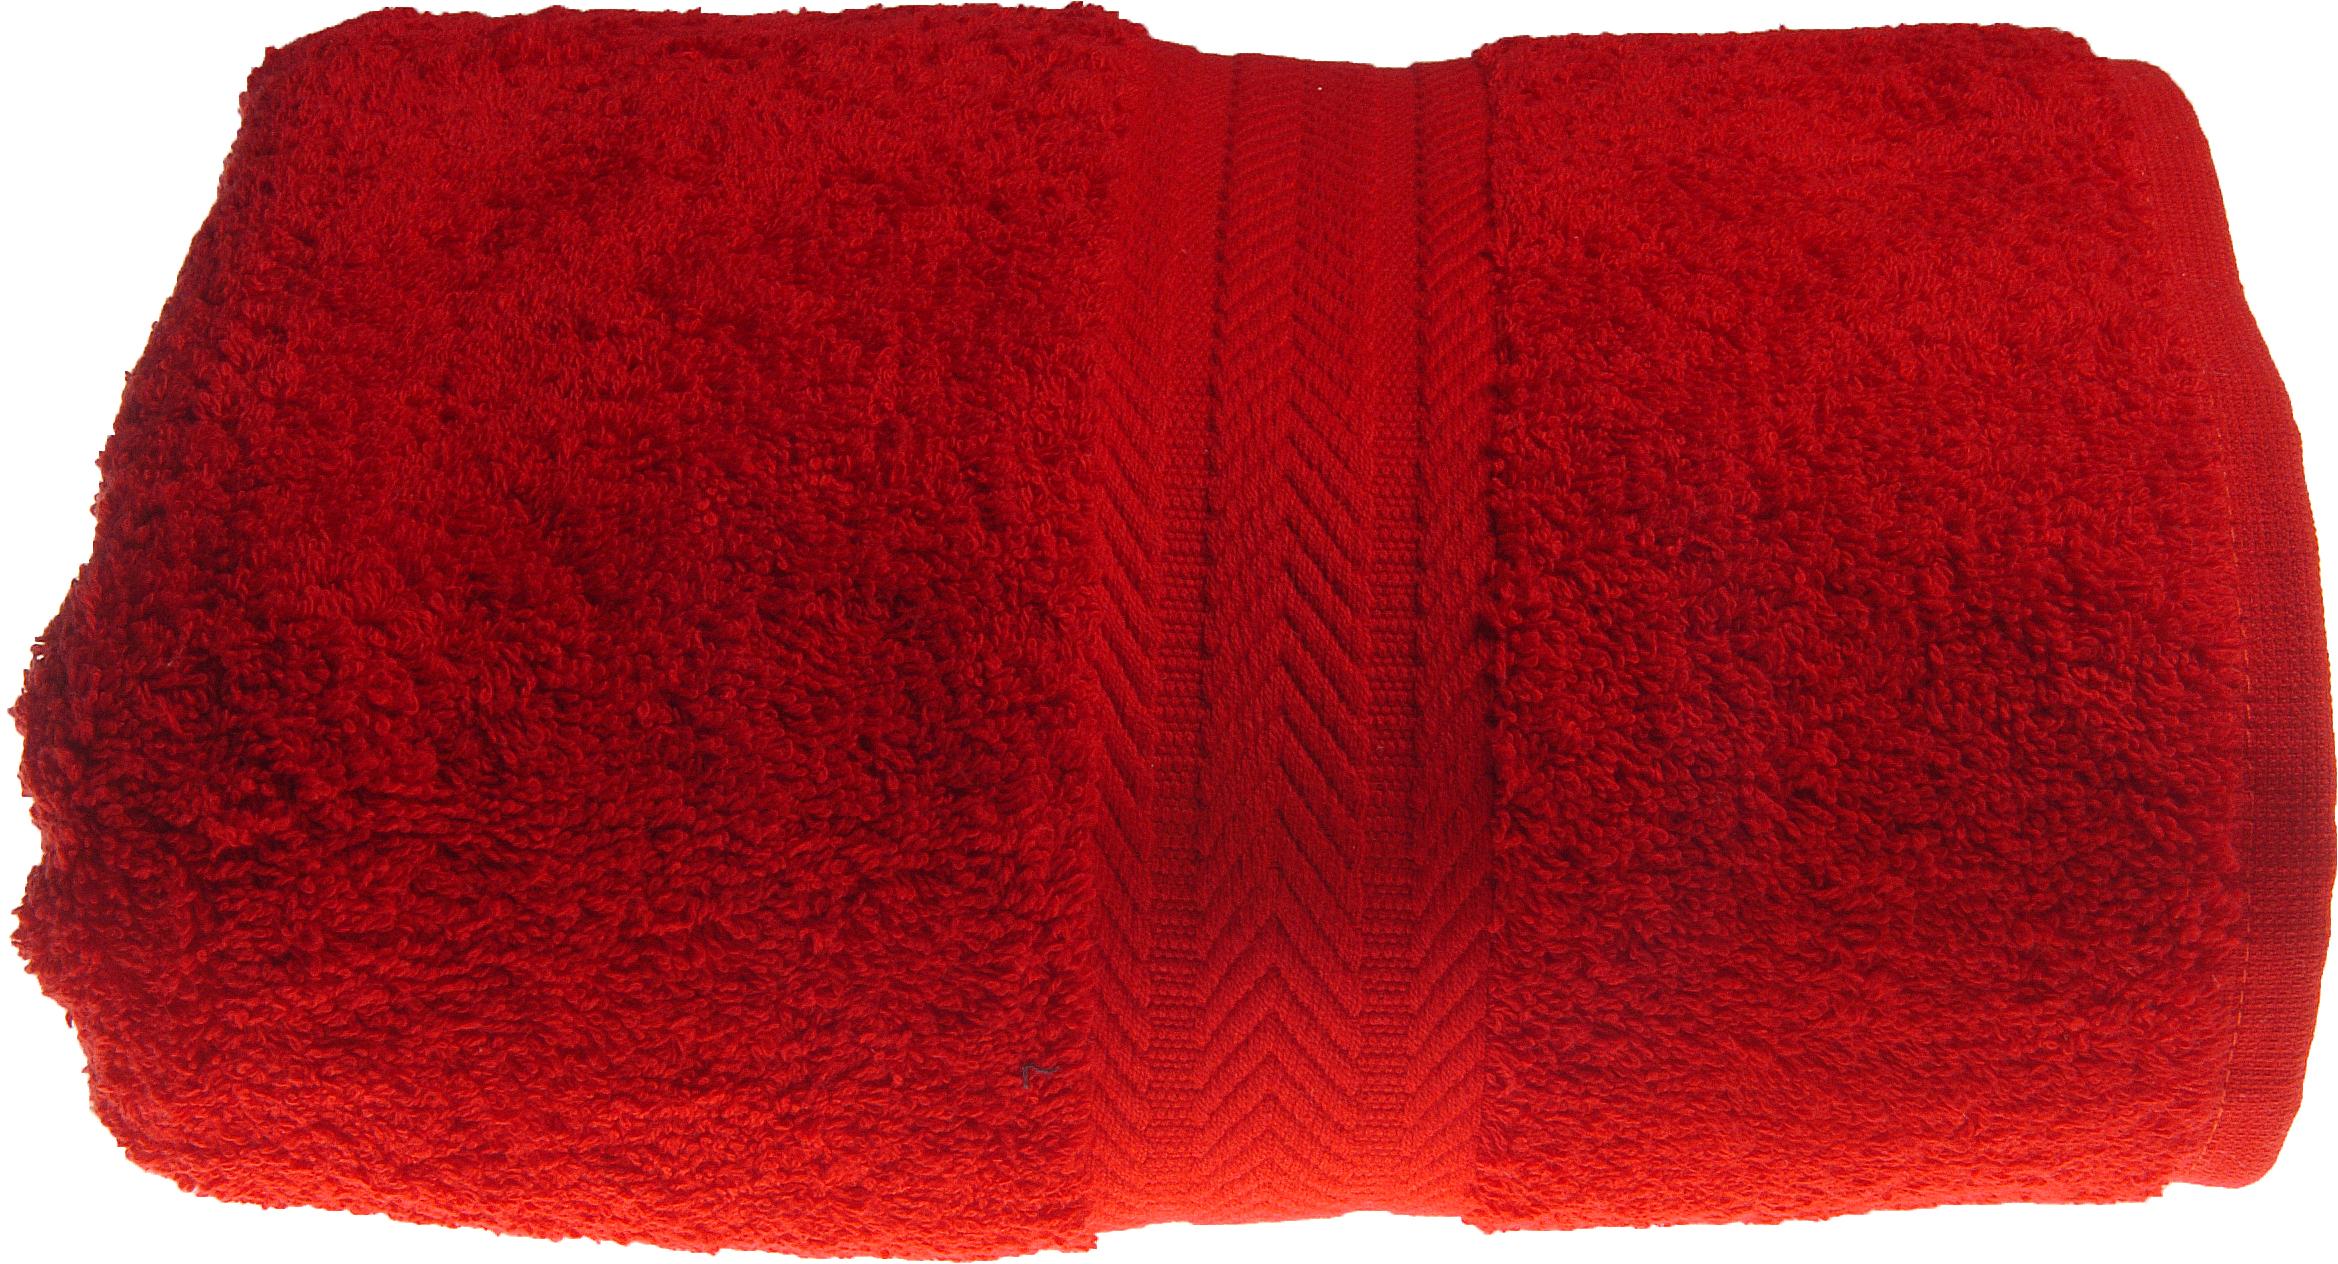 Serviette invitée 30 x 50 cm en Coton couleur Rubis (Rubis)